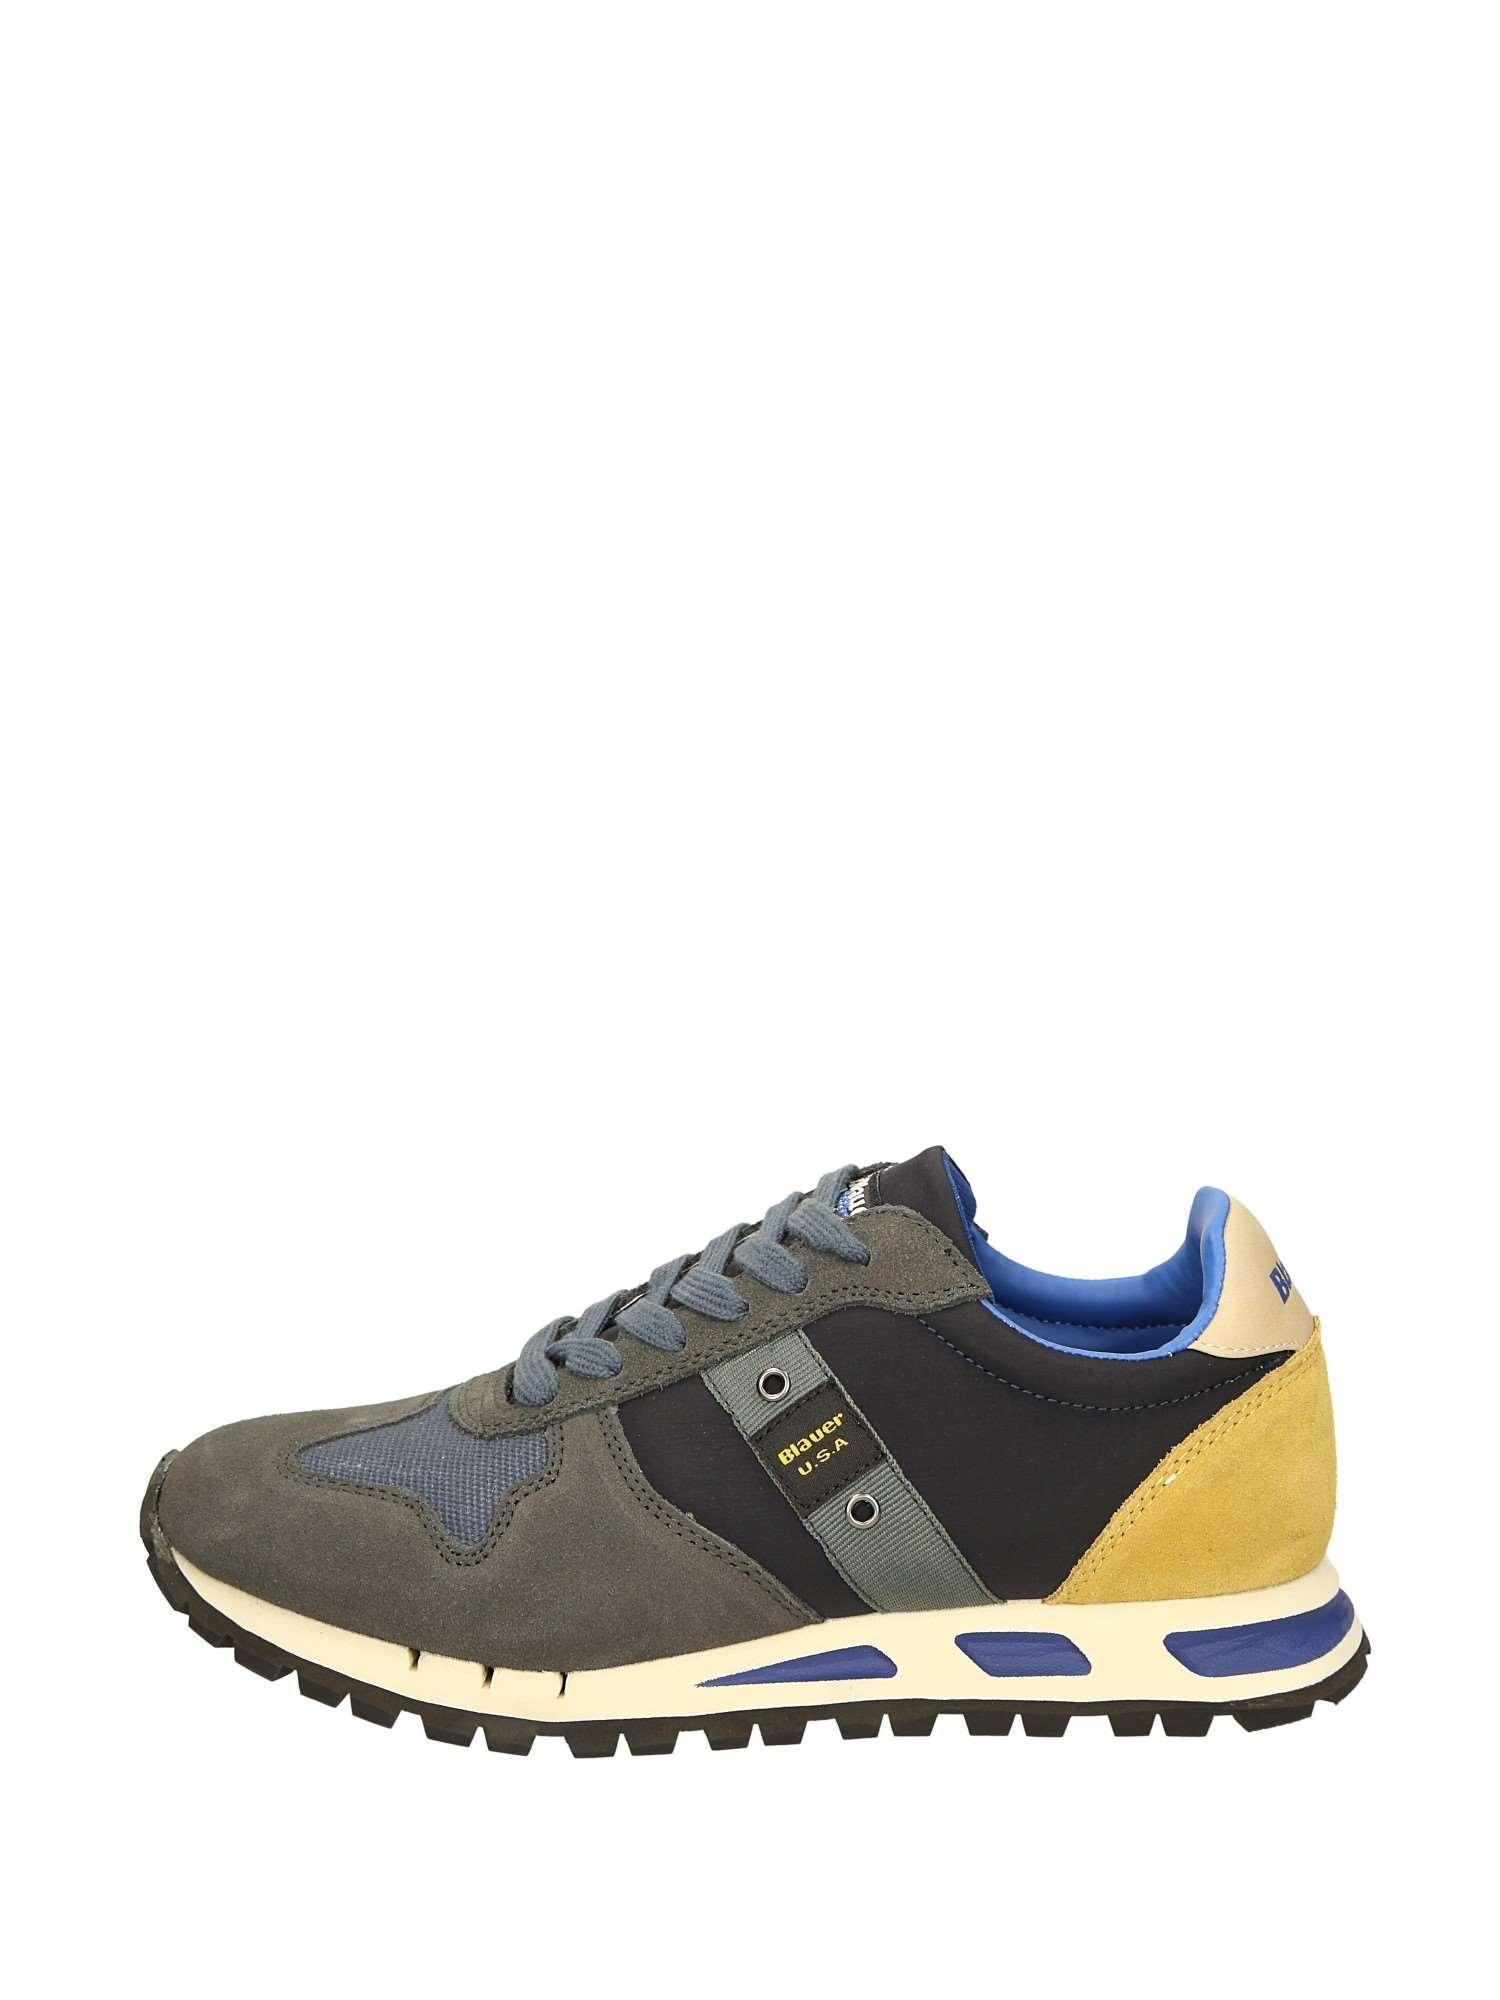 Camoscio Sneakers Blauer Uomo Blu 30 Basse 50 gwqpA 7e4e8de6461